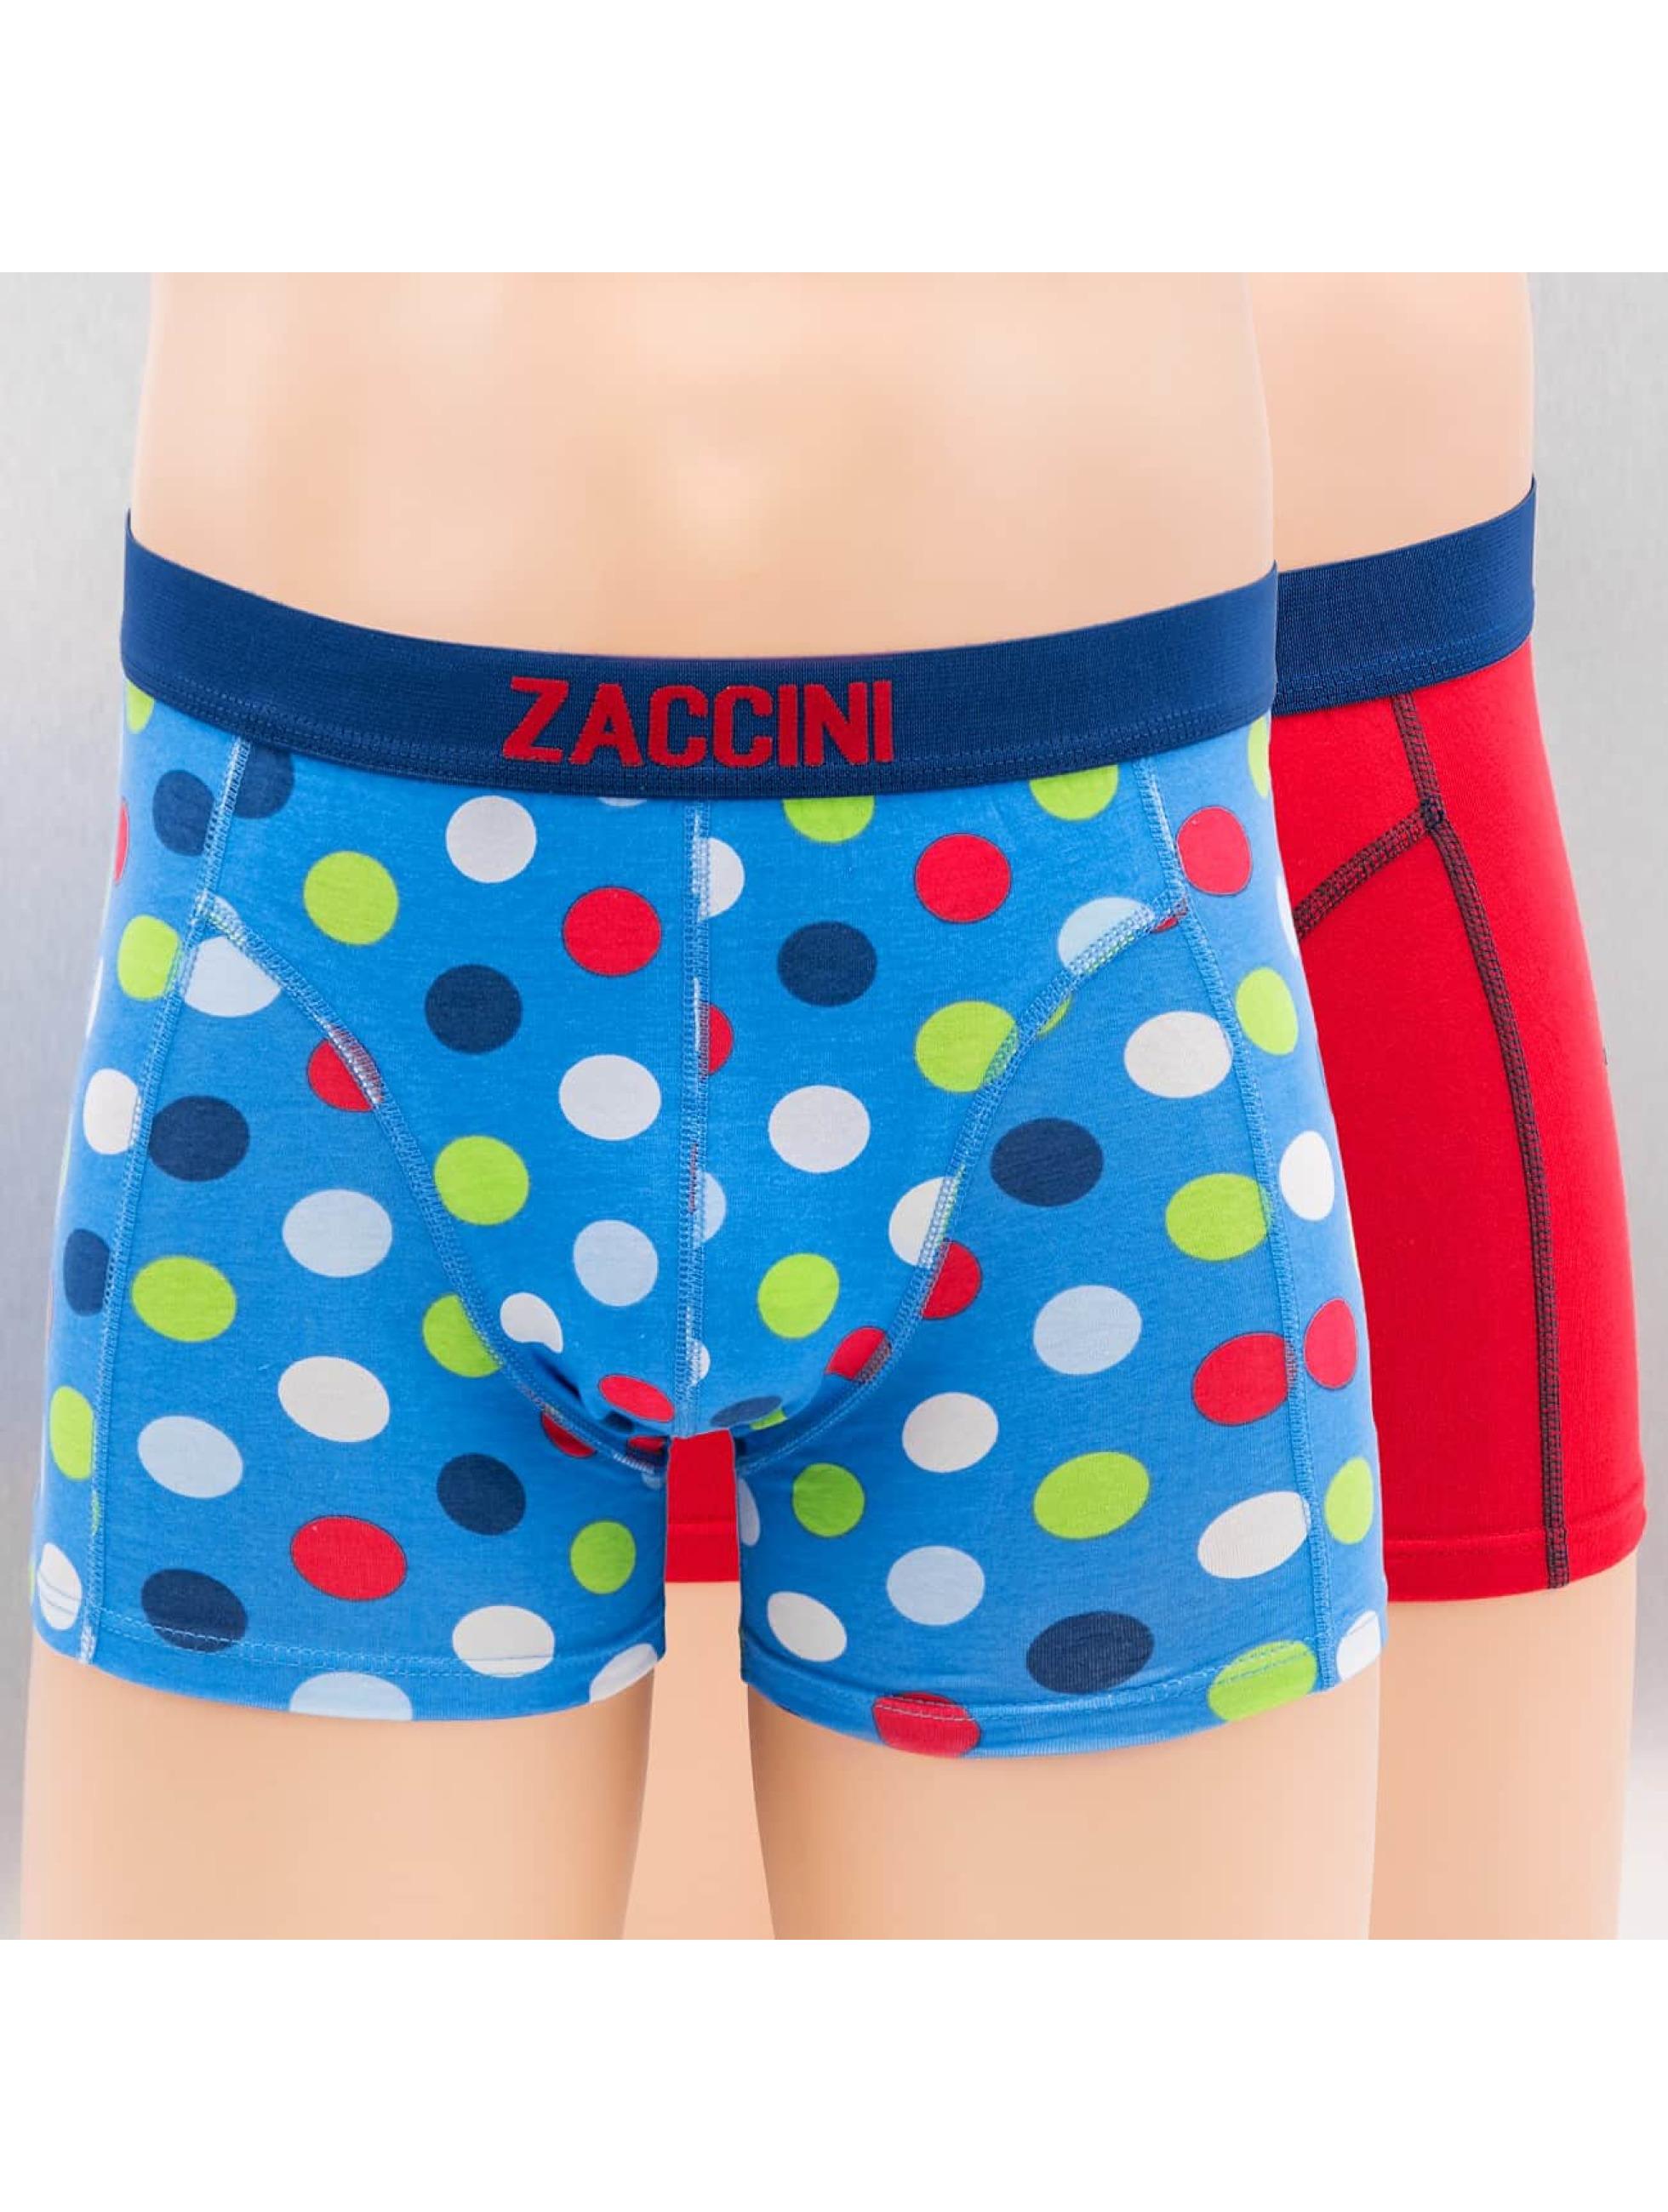 Zaccini boxershorts Confetti 2-Pack blauw